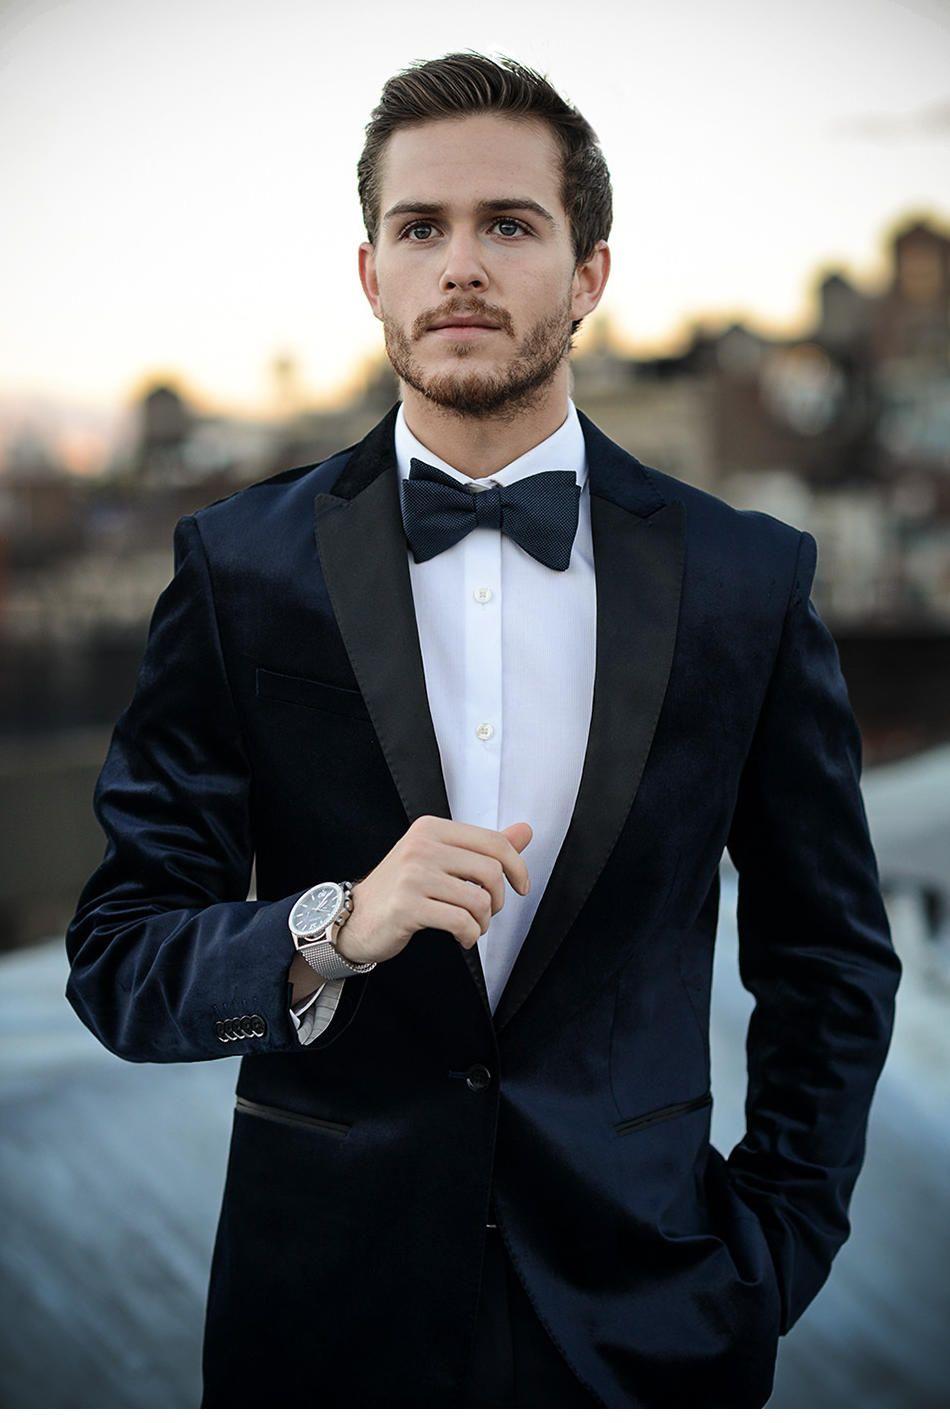 32f0e604a65f4 Birbirinden Güzel Erkek Düğün , Nişan Saç Modelleri 2017 -2018 Sezonu  Düğünler, kadın olsun erkek olsun gelinlik ve damatlık gibi özel  kıyafetlerin ...